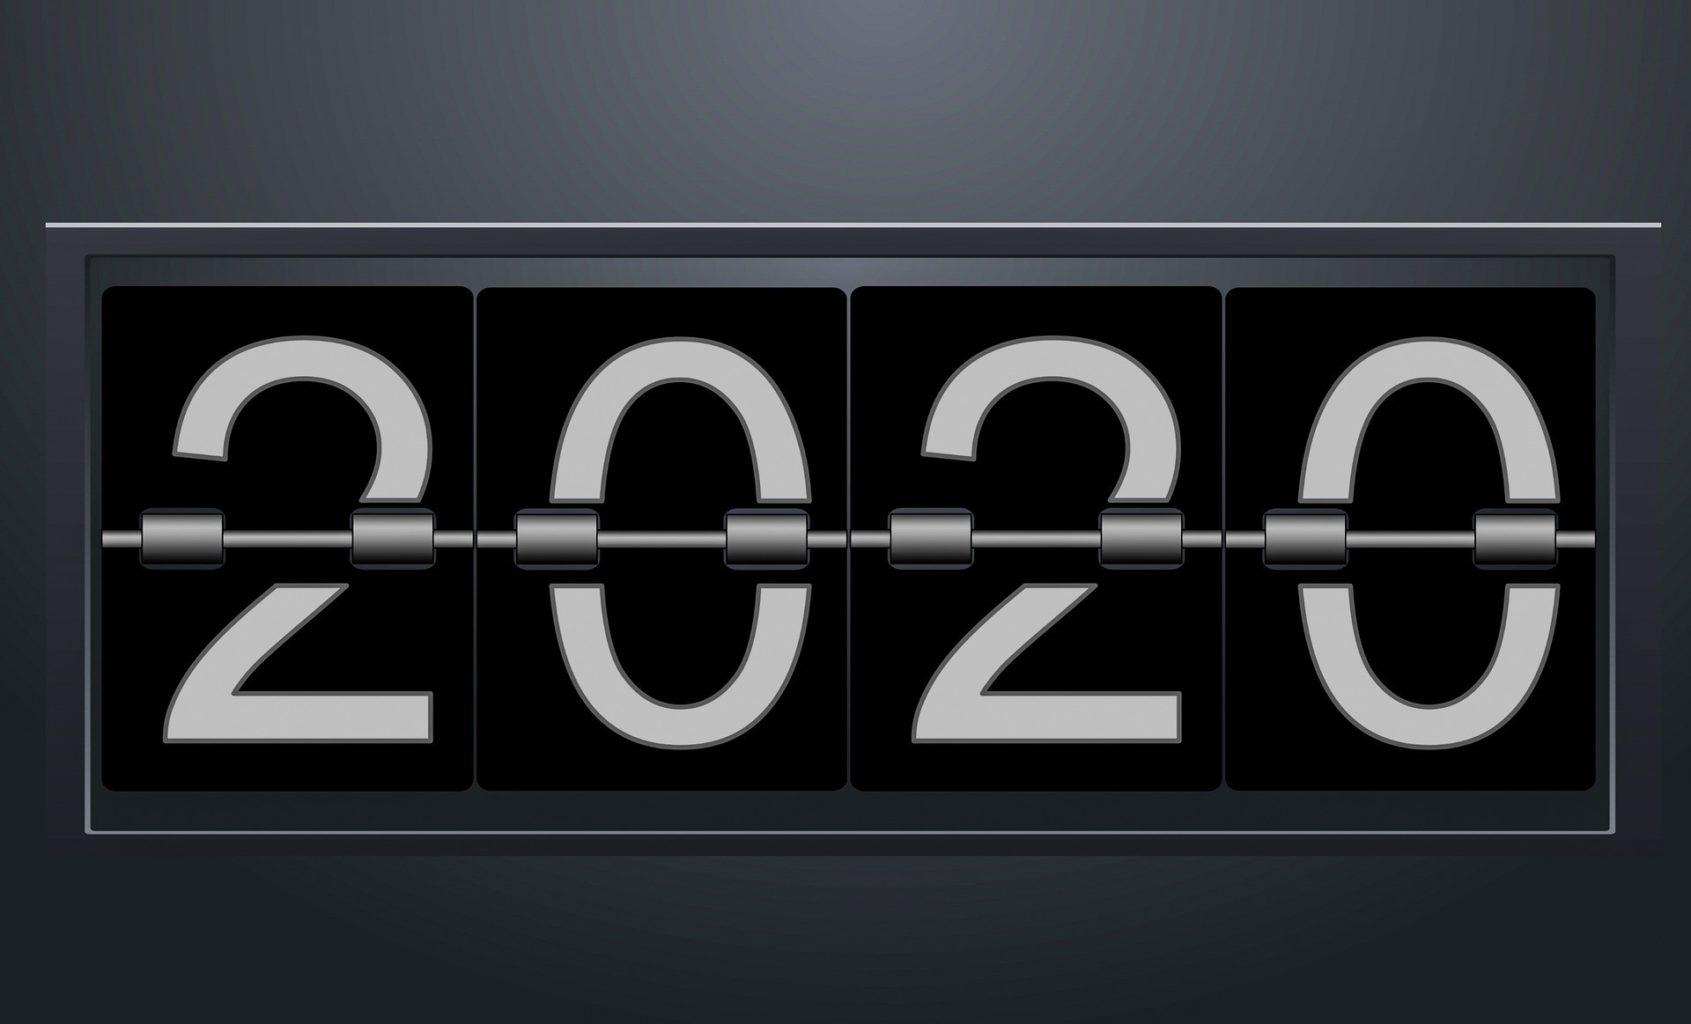 Time объявил 2020-й худшим годом